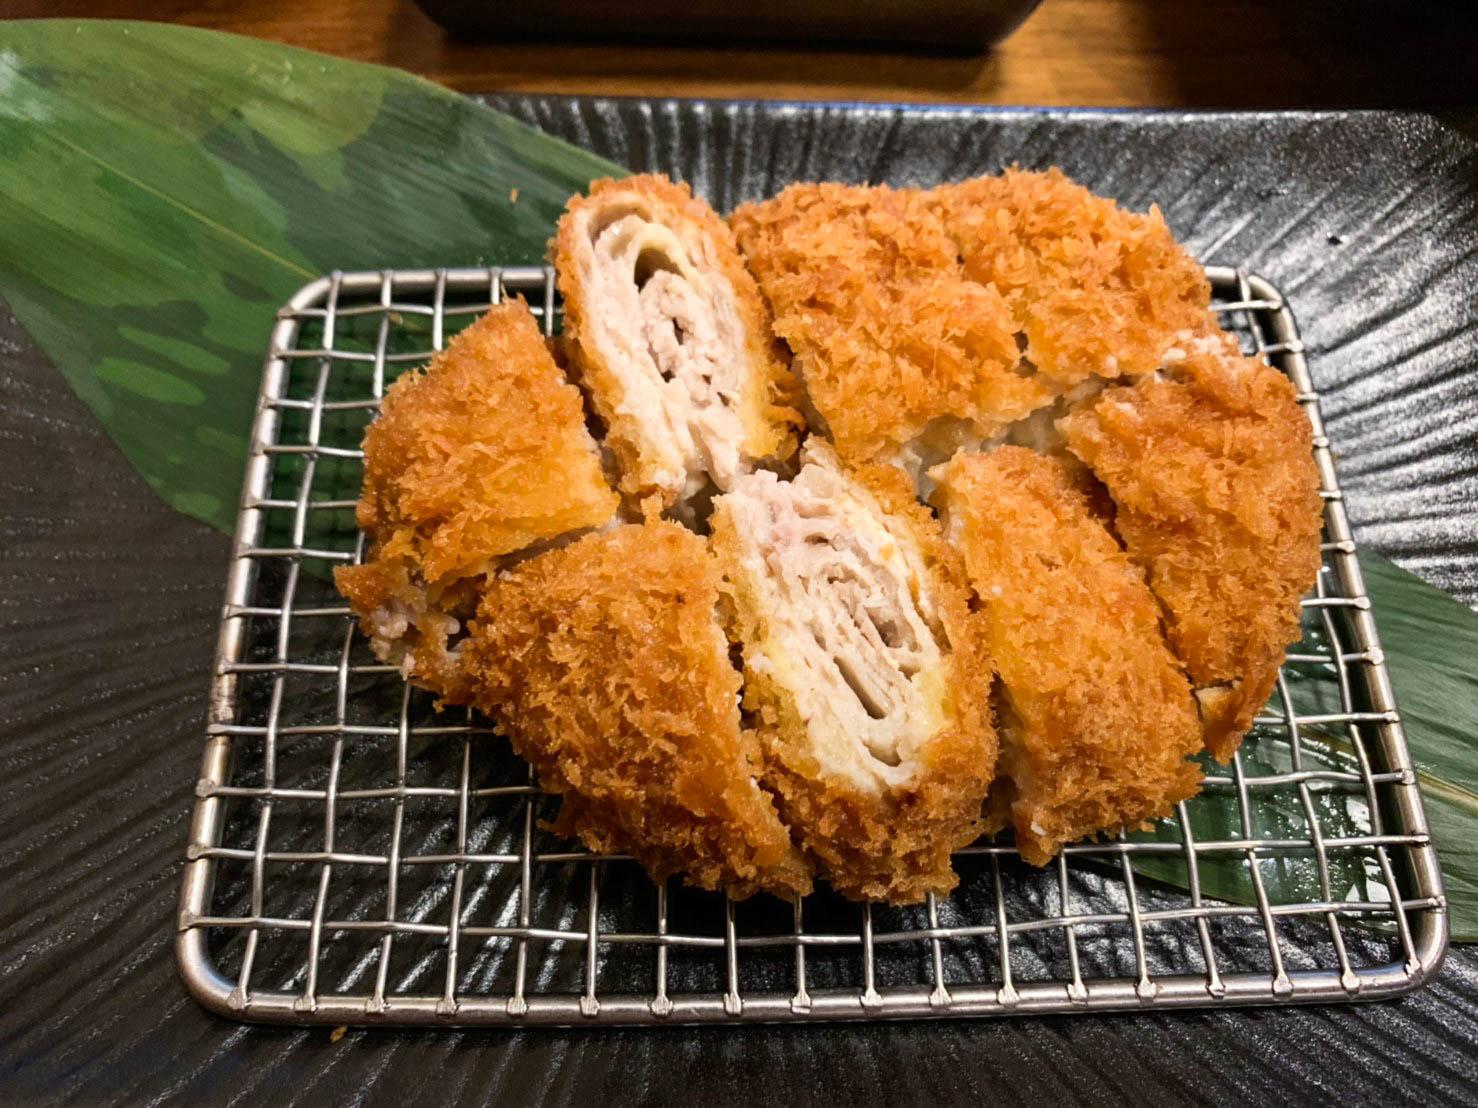 微風南山美食 :: 晴木千層豬排 東京豬排飯冠軍!適合小朋友一起吃的超薄切豬排